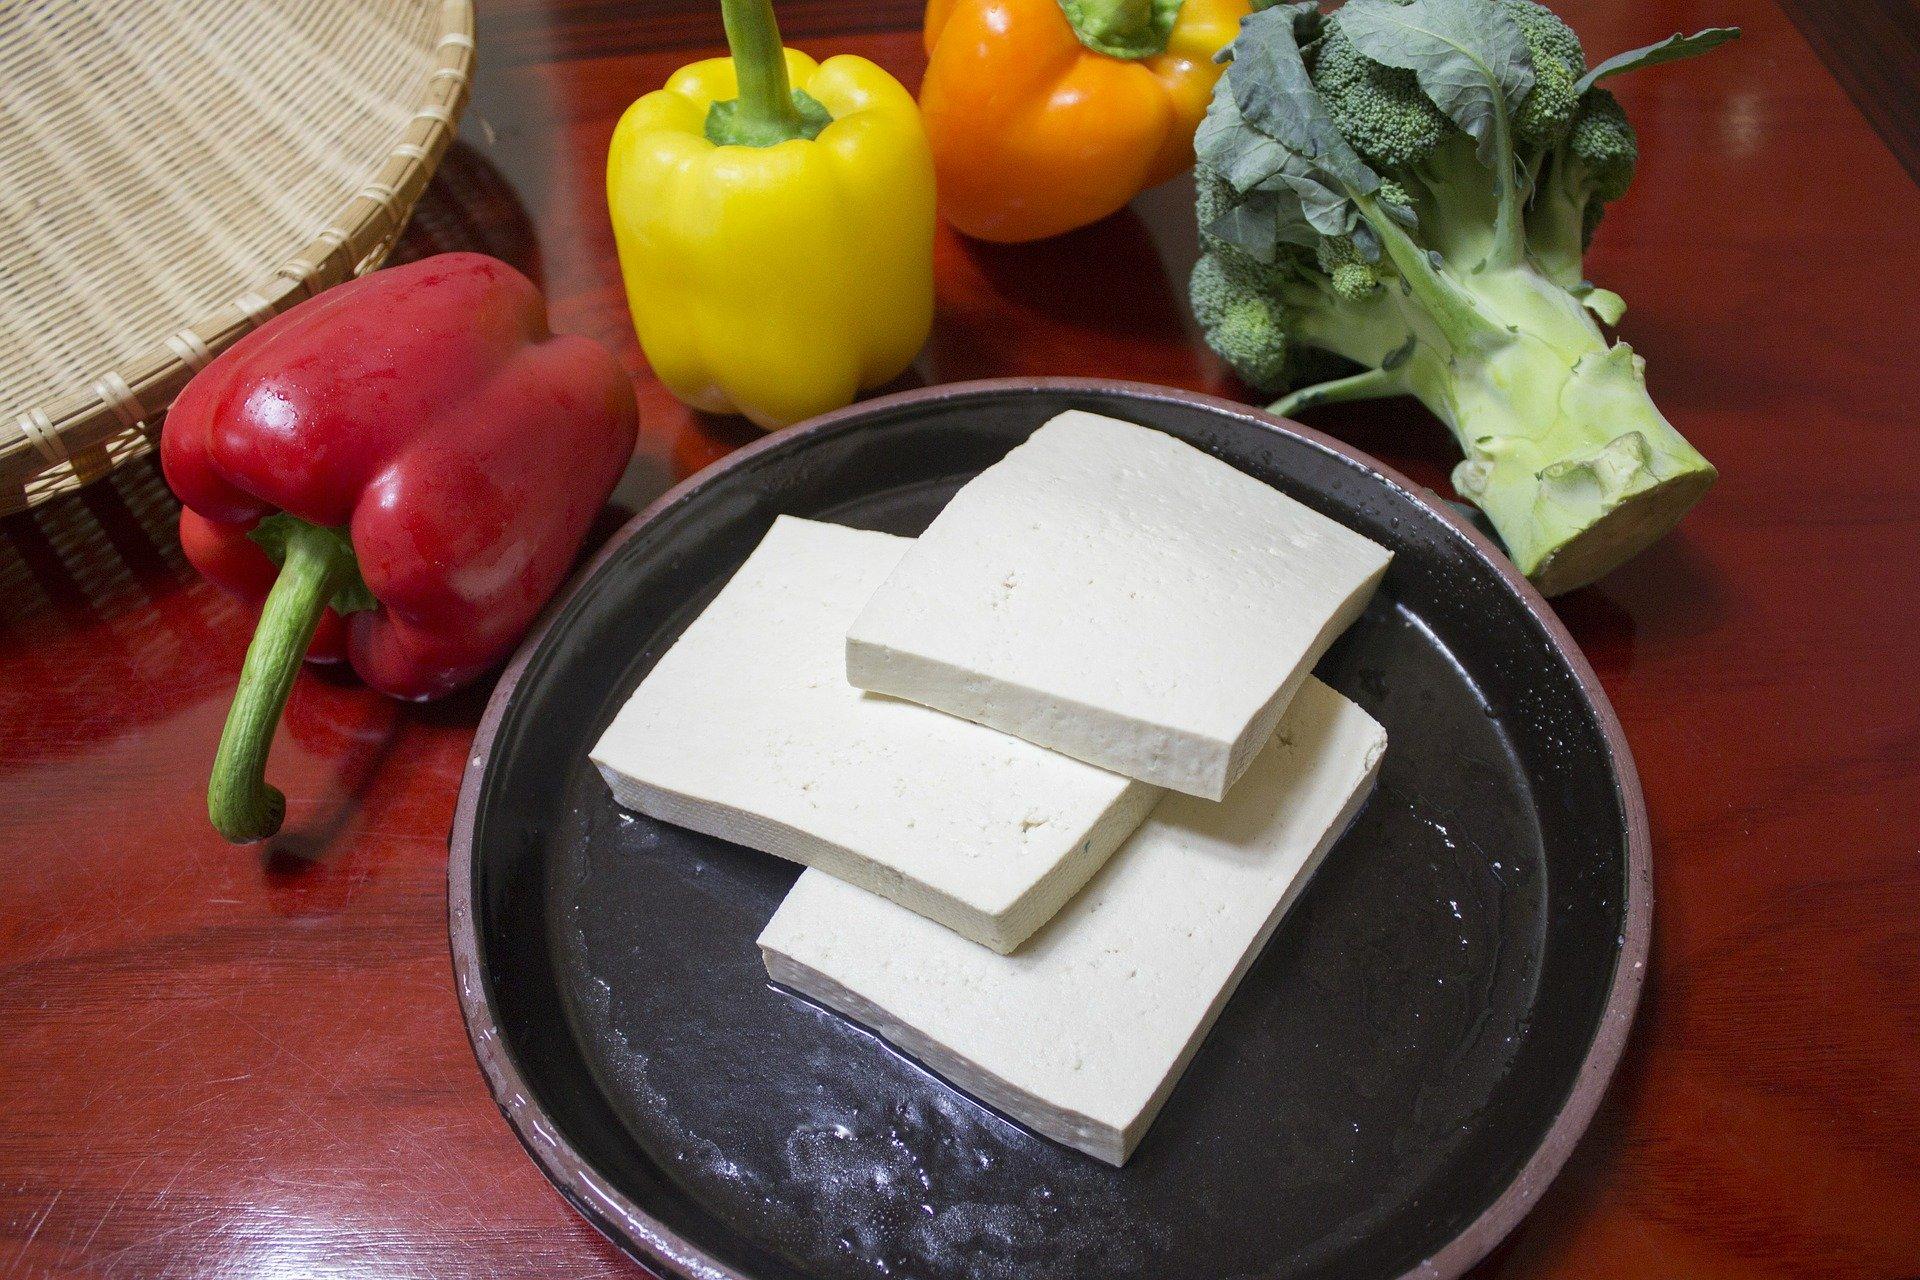 slice the tofu 597229 1920.jpg?resize=412,232 - La fabrication du tofu cause un problème écologique et sanitaire